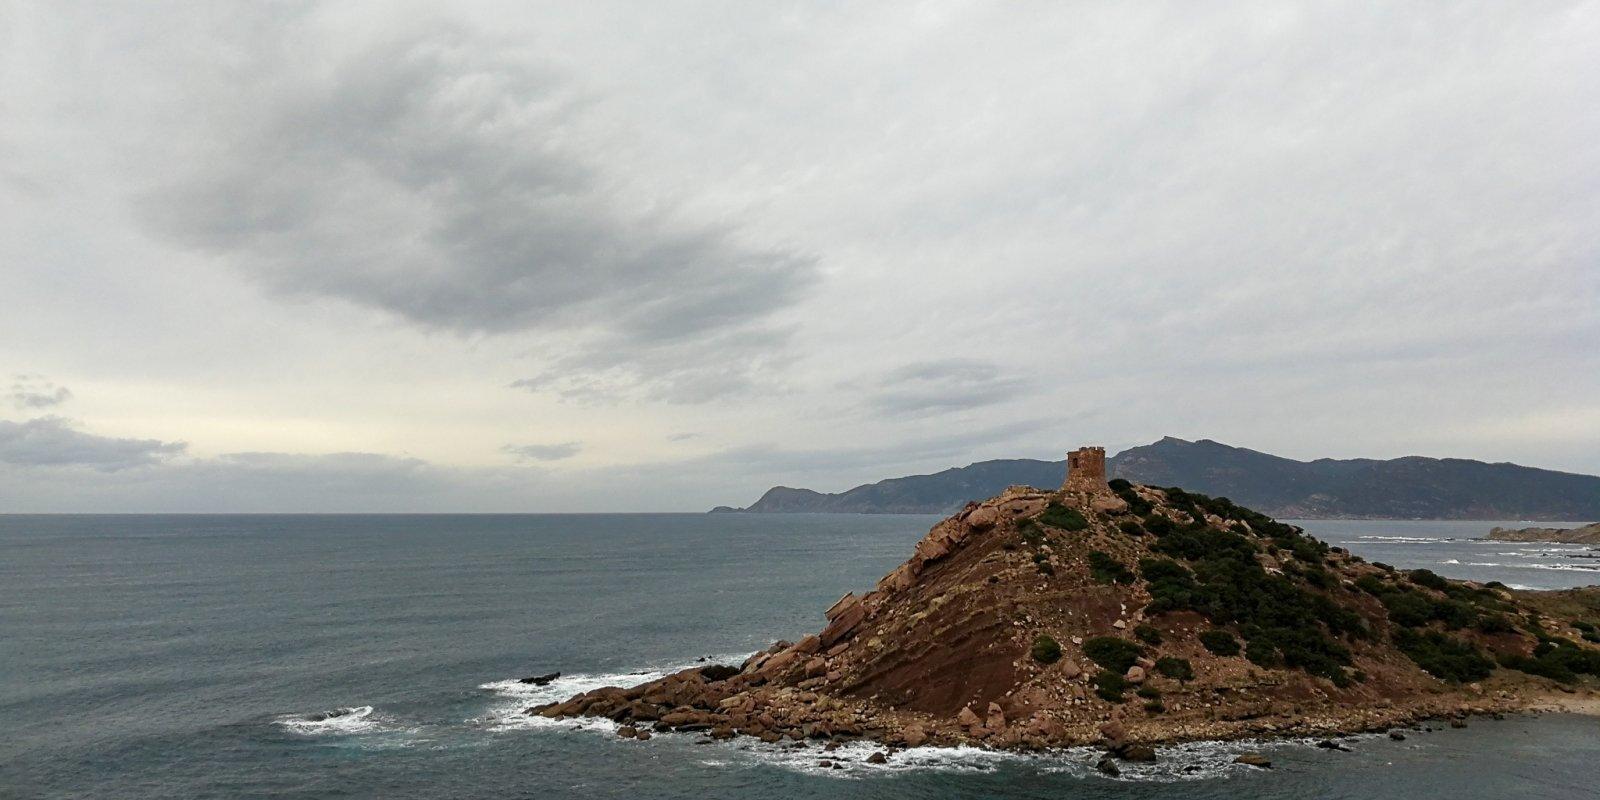 Lēnā itāļu garā Sardīnijā jeb Nesteidzīga atpūta Vidusjūras salā